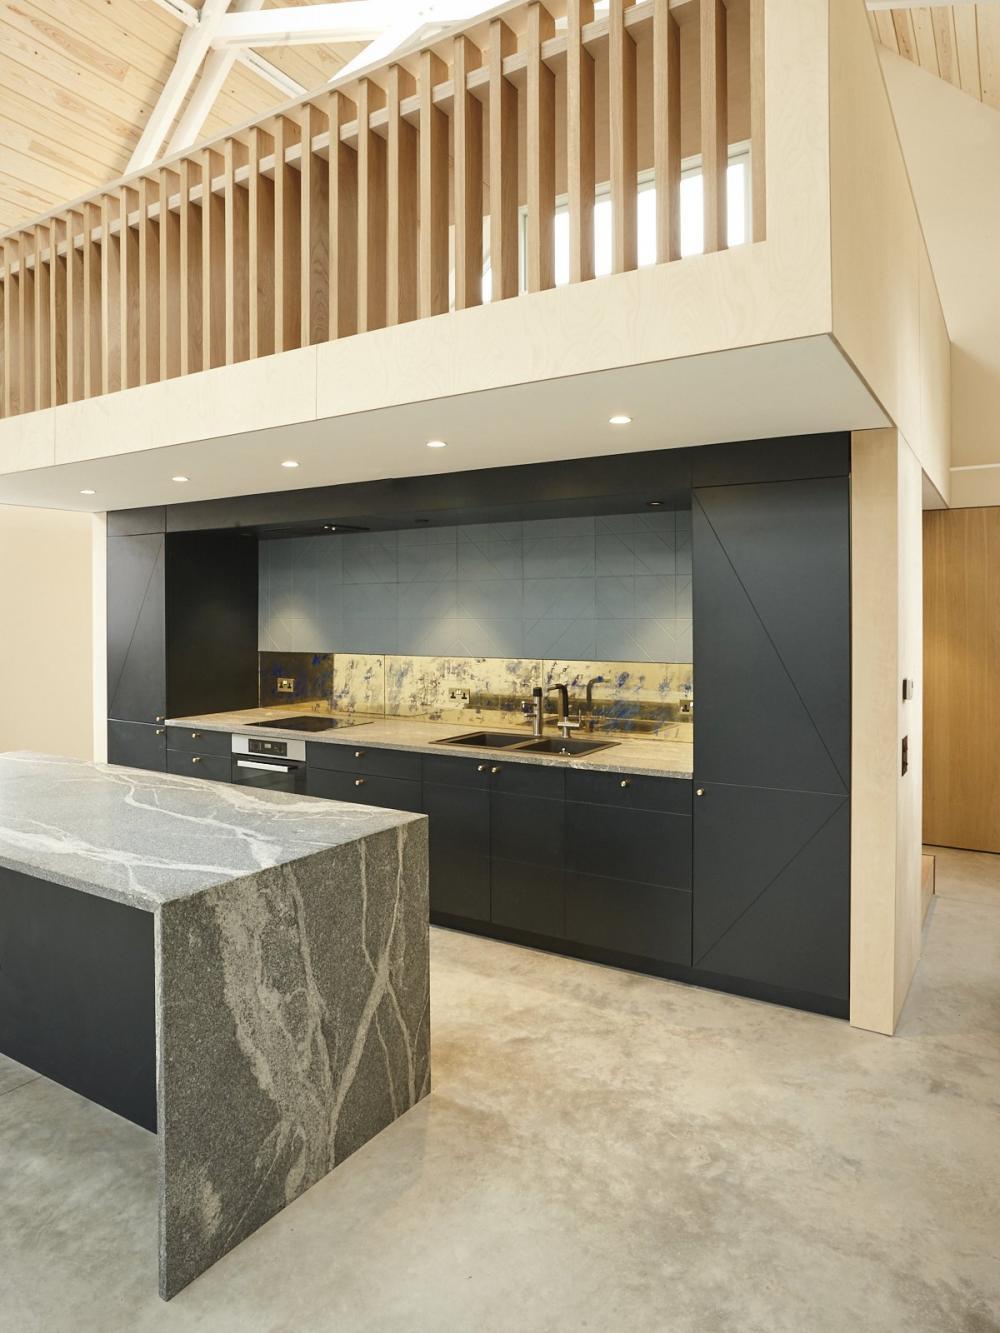 Phòng bếp có backsplash (bề mặt đằng sau bếp hoặc bồn rửa) và bàn bếp Quartzit sang trọng, hiện đại